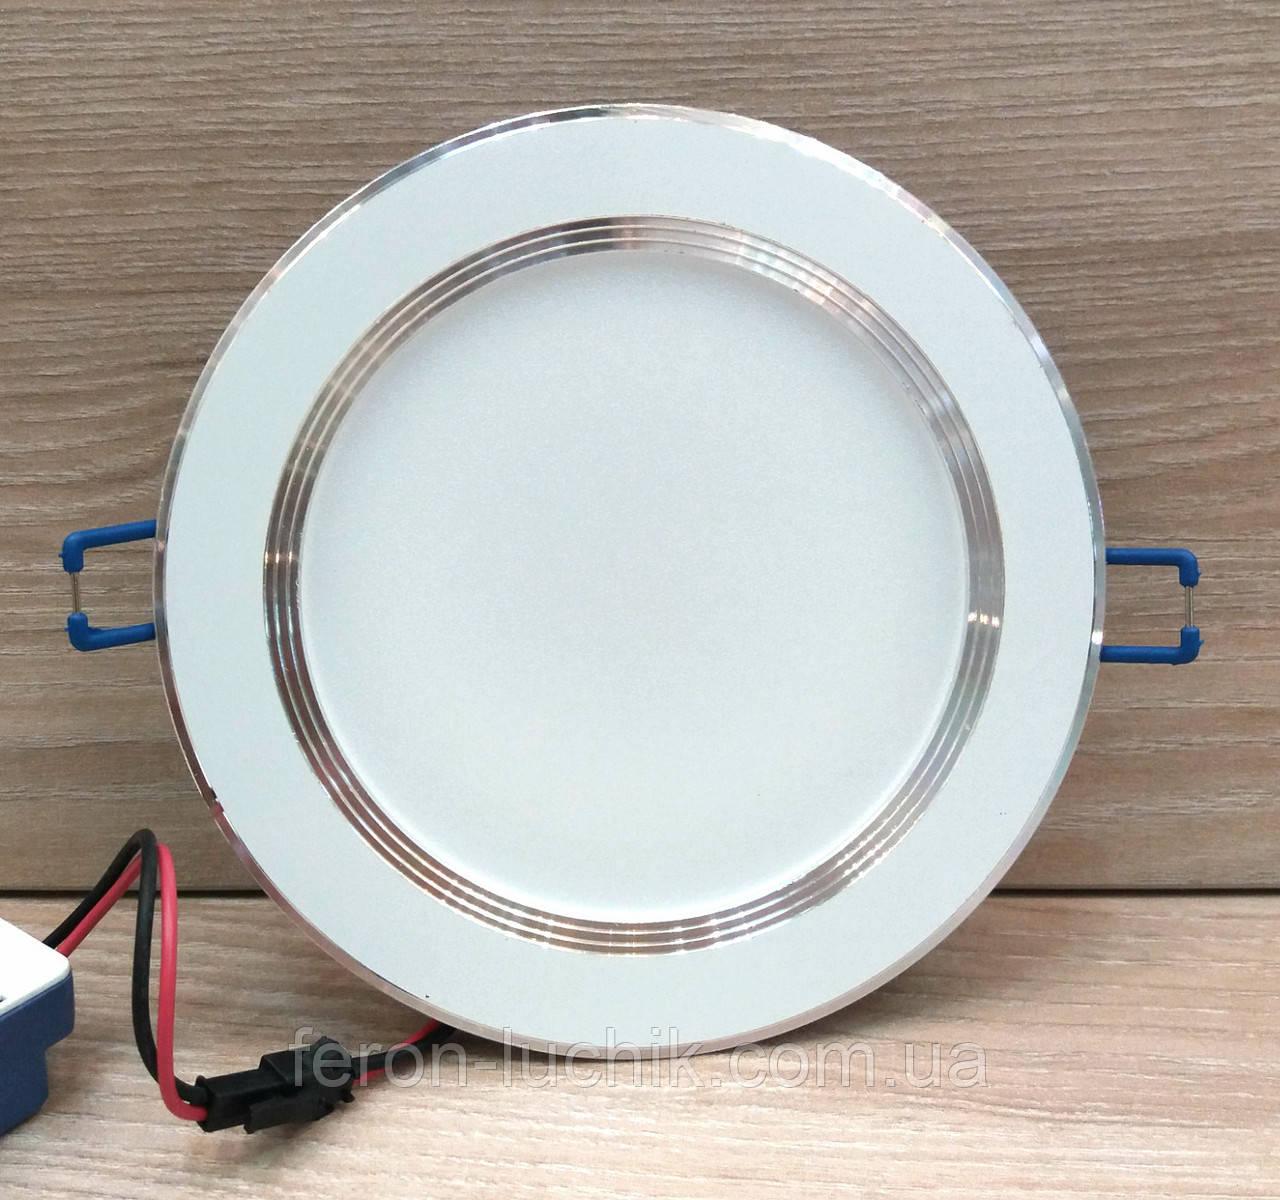 Светильник светодиодный Feron AL527 12W 4000K (LED панель) встраиваемый точечный